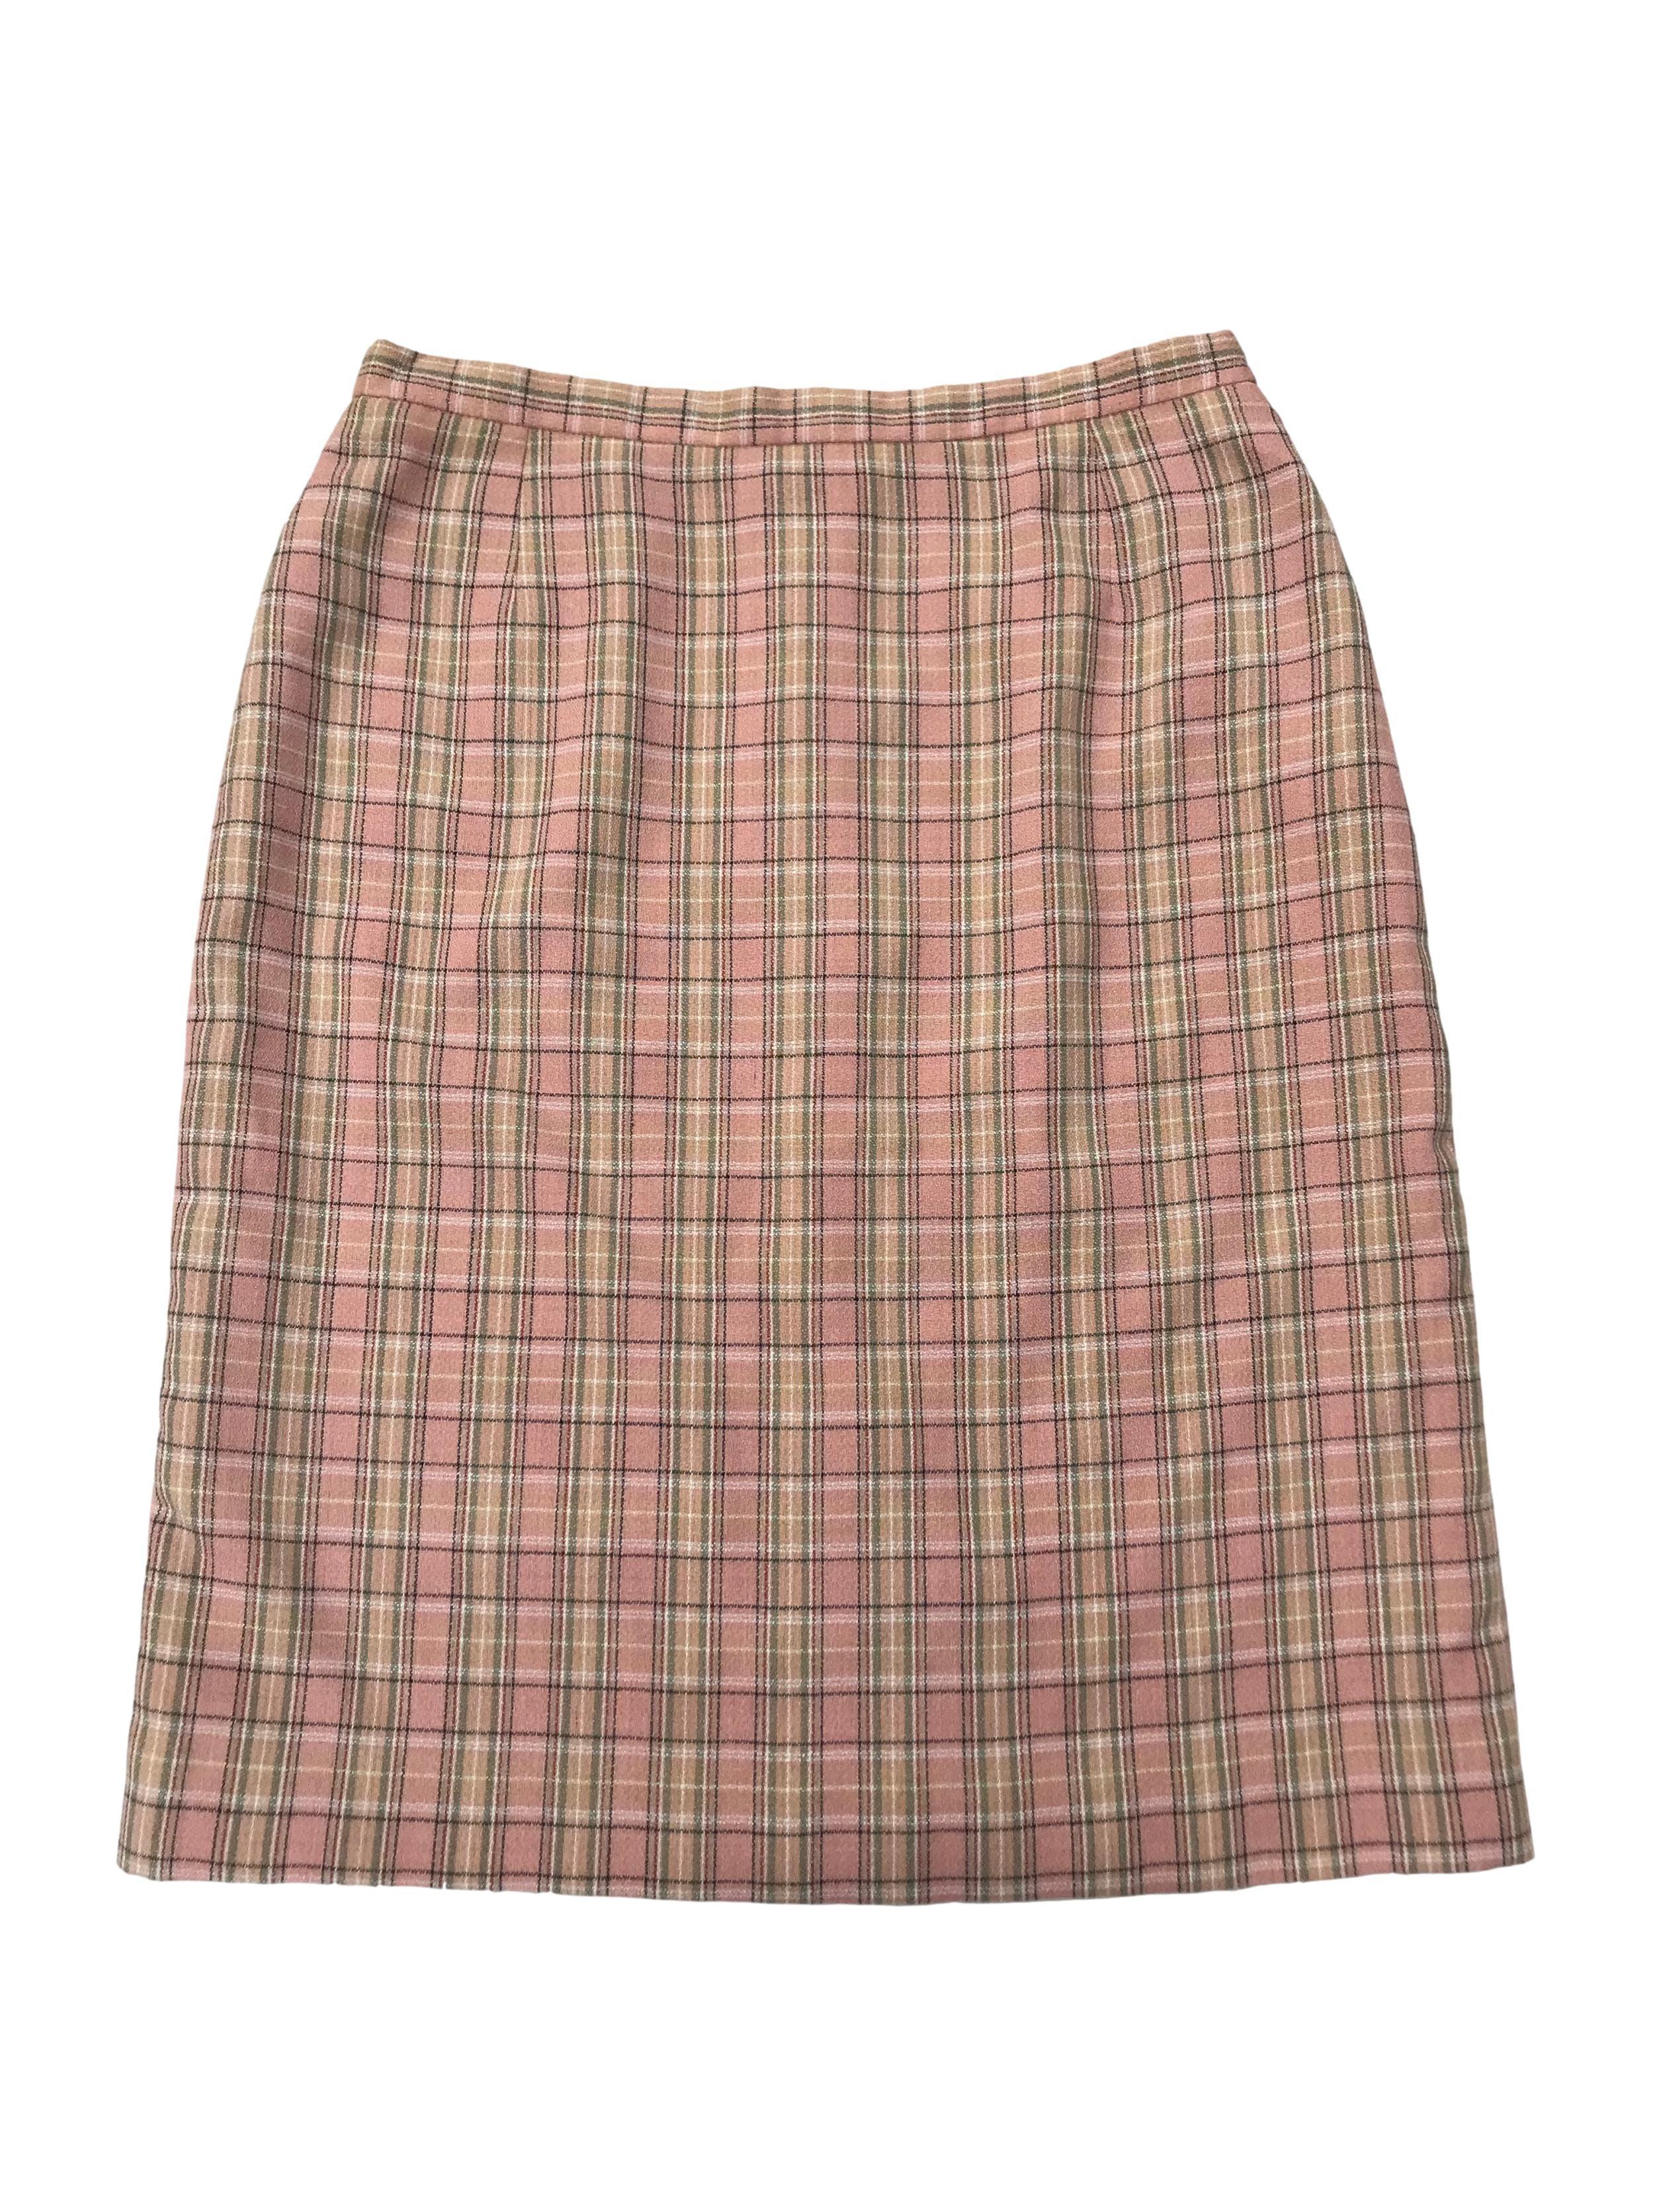 Falda Mae Alcott palo rosa a cuadros, 50% algodón, forrada, con cierre y botón posterior. Cintura 76cm Largo 60cm